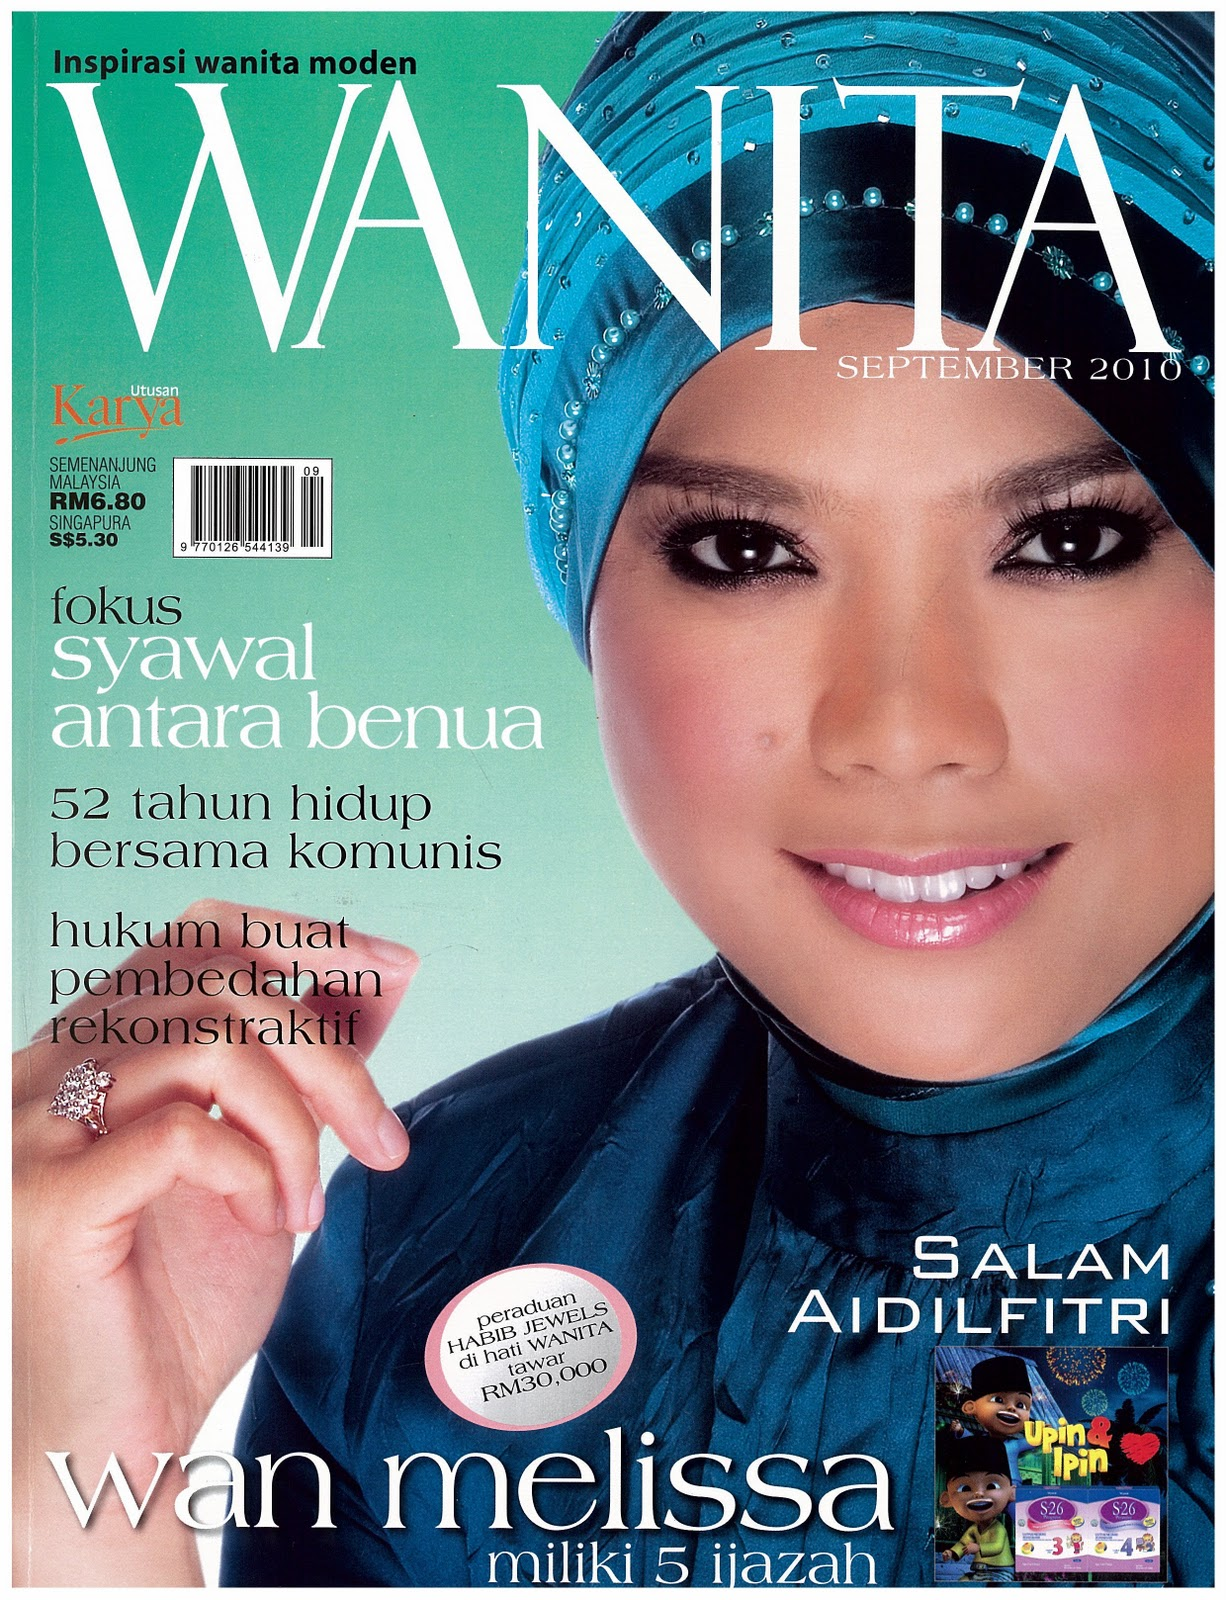 Images of Wanita Bogel Indonesia Foto Telanjang